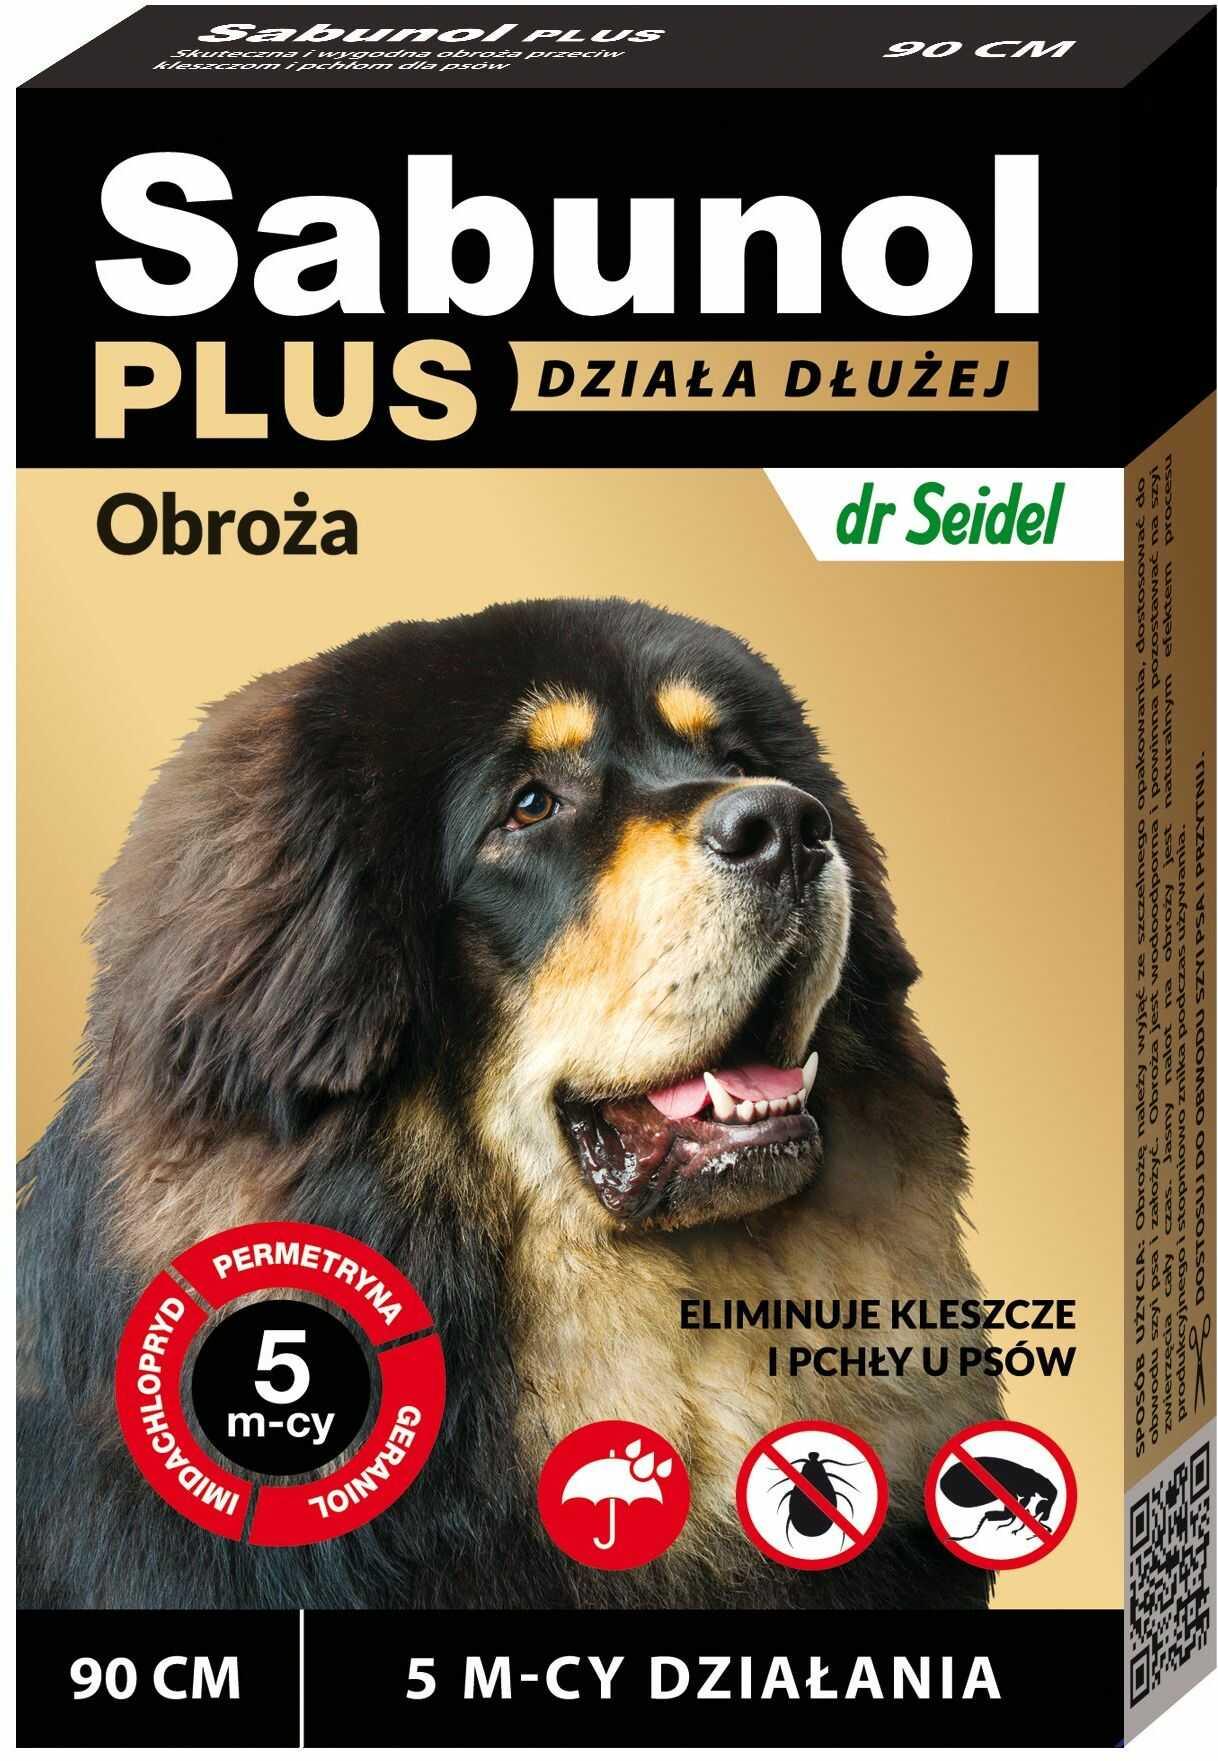 Sabunol Plus obroża przeciw kleszczom i pchłom dla psa 90 cm